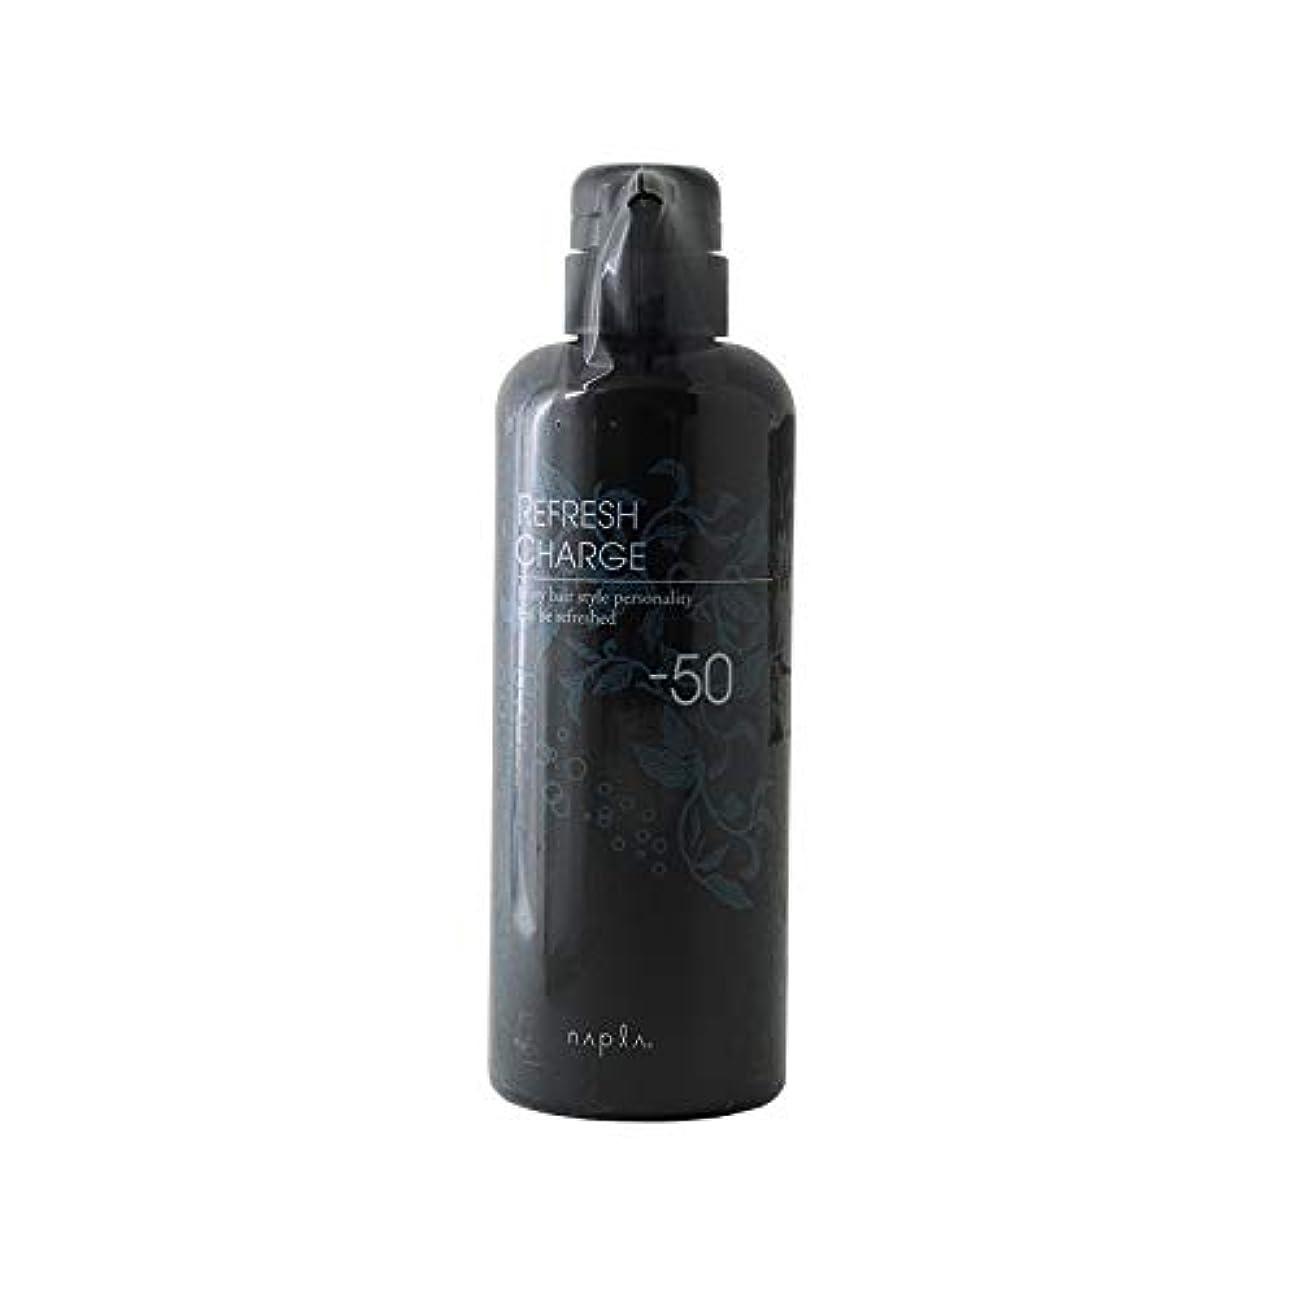 光沢のある解き明かすバッチリフレッシュスキャルプ リフレッシュチャージ -50(500ml)